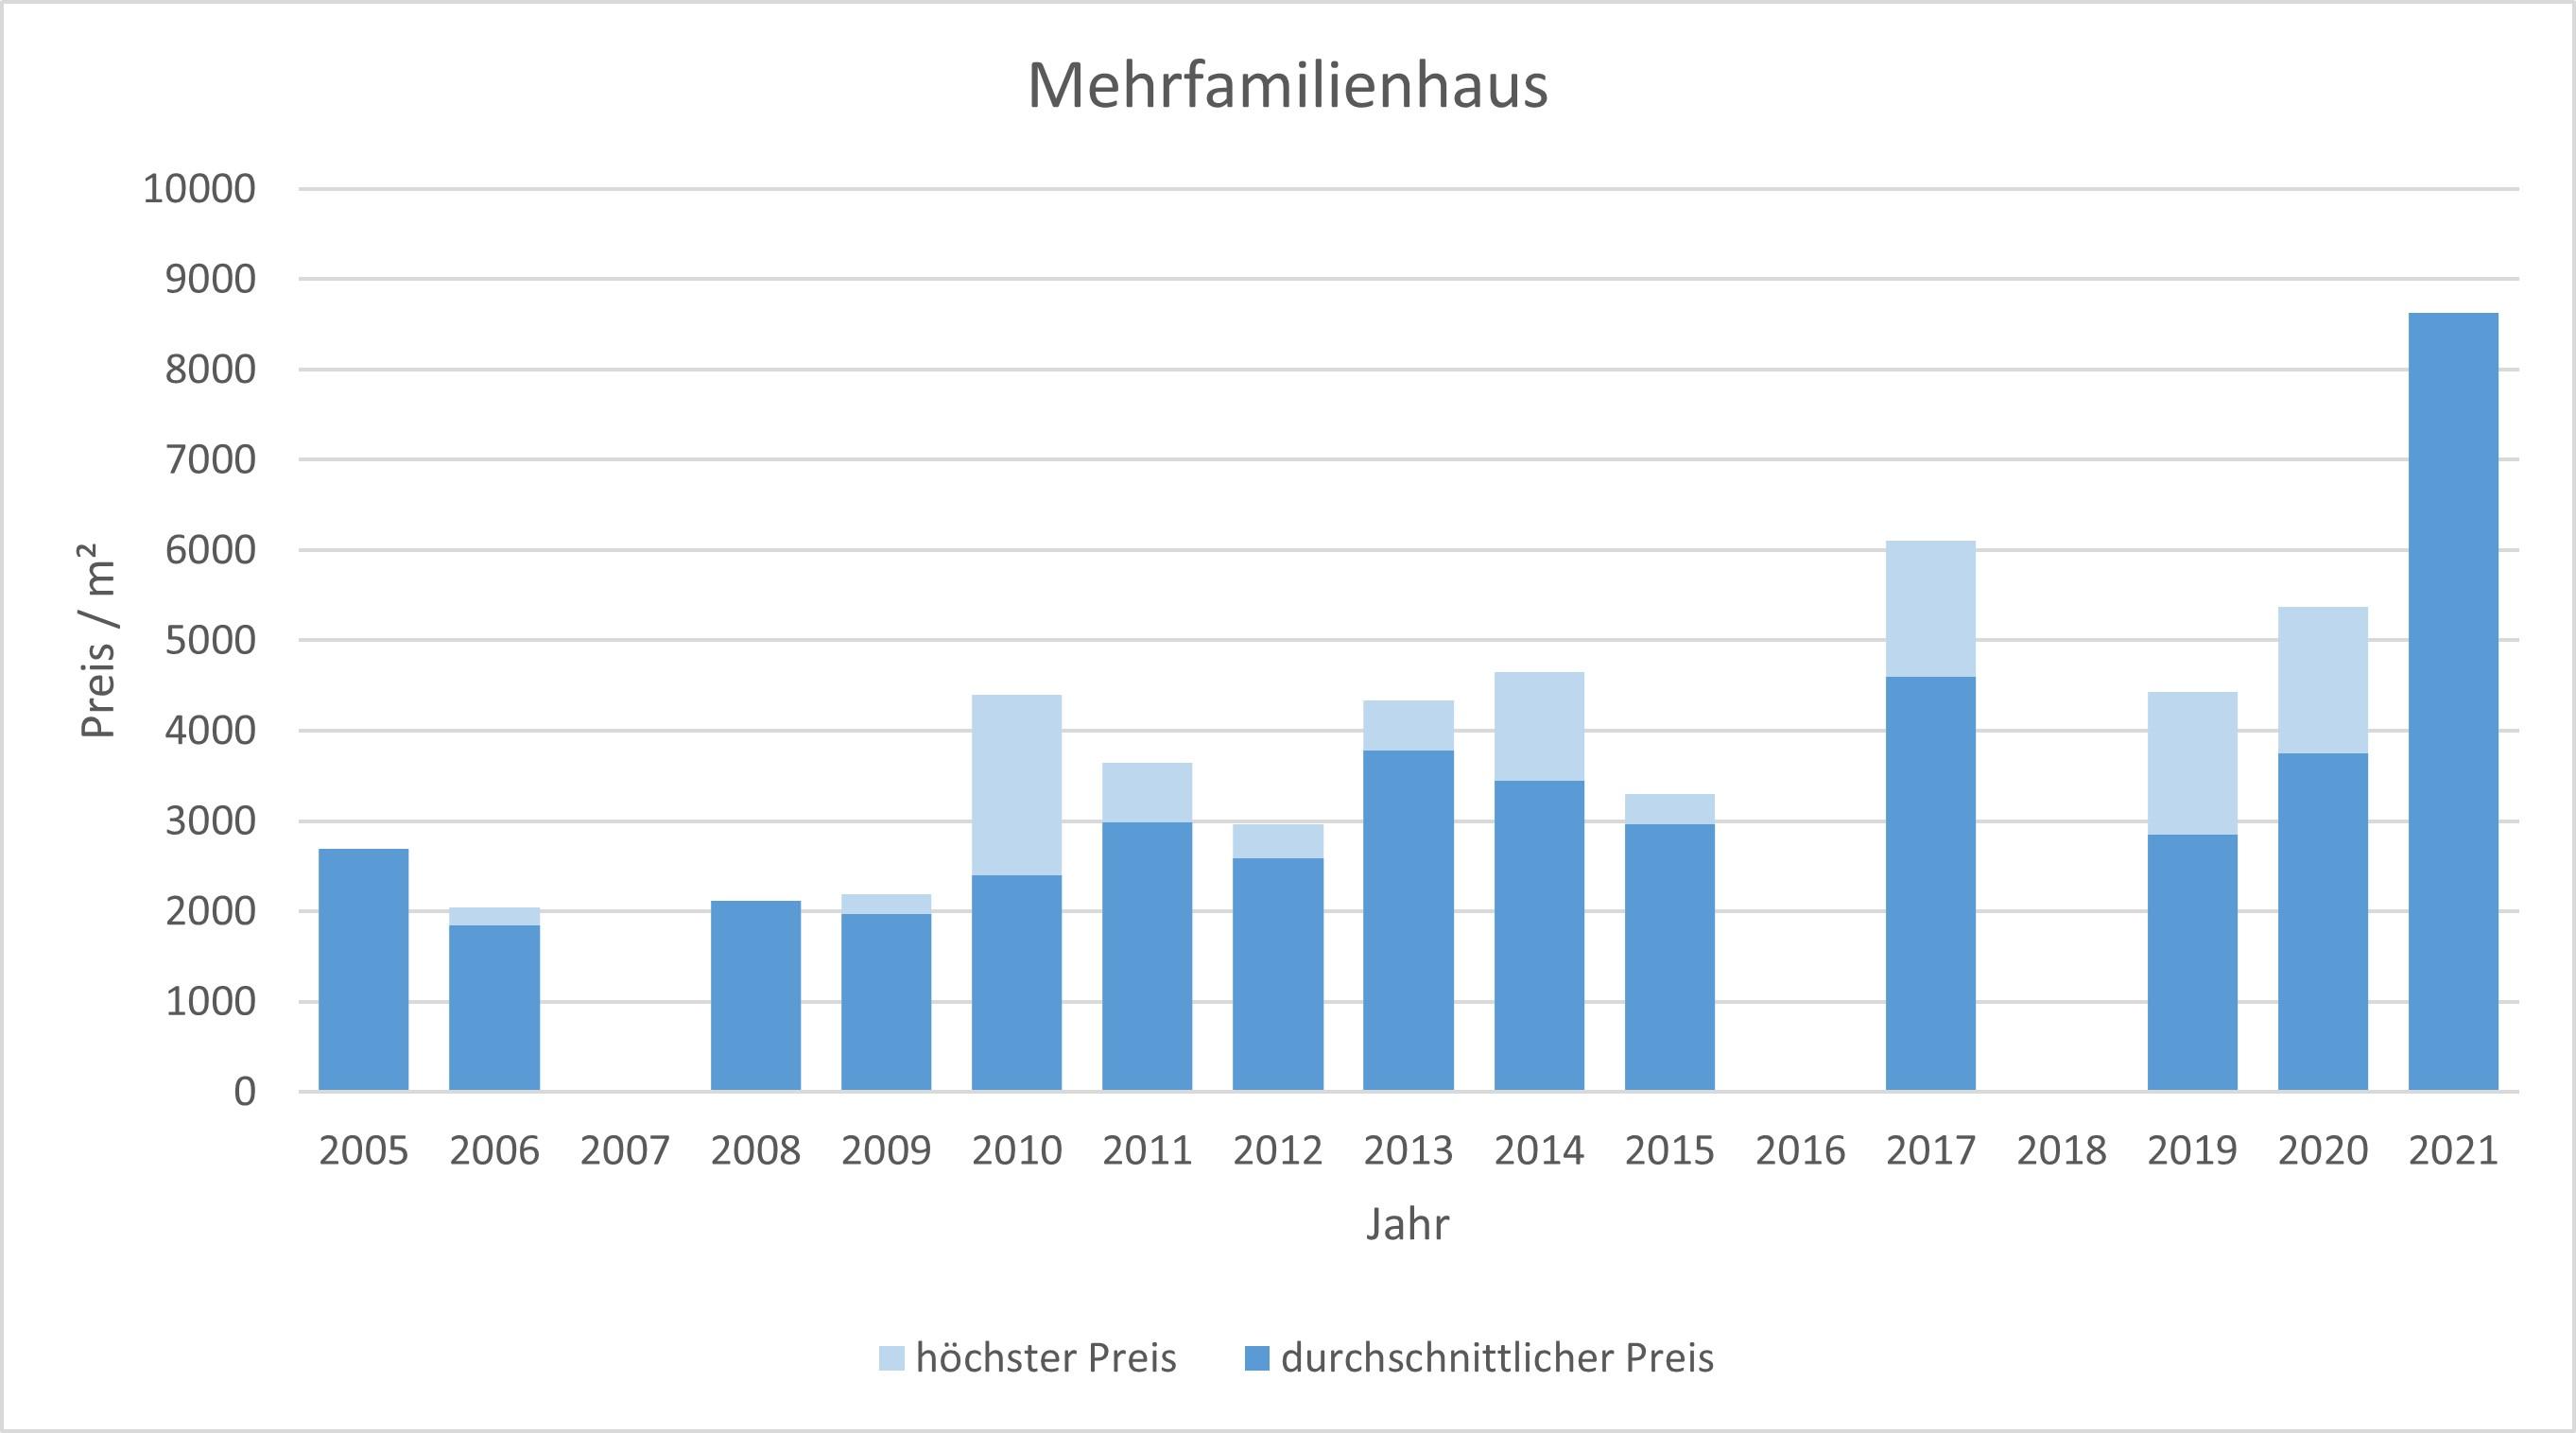 Brunnthal-Mehrfamilienhaus-verkaufen-kaufen-Makler 2019 2020 2021